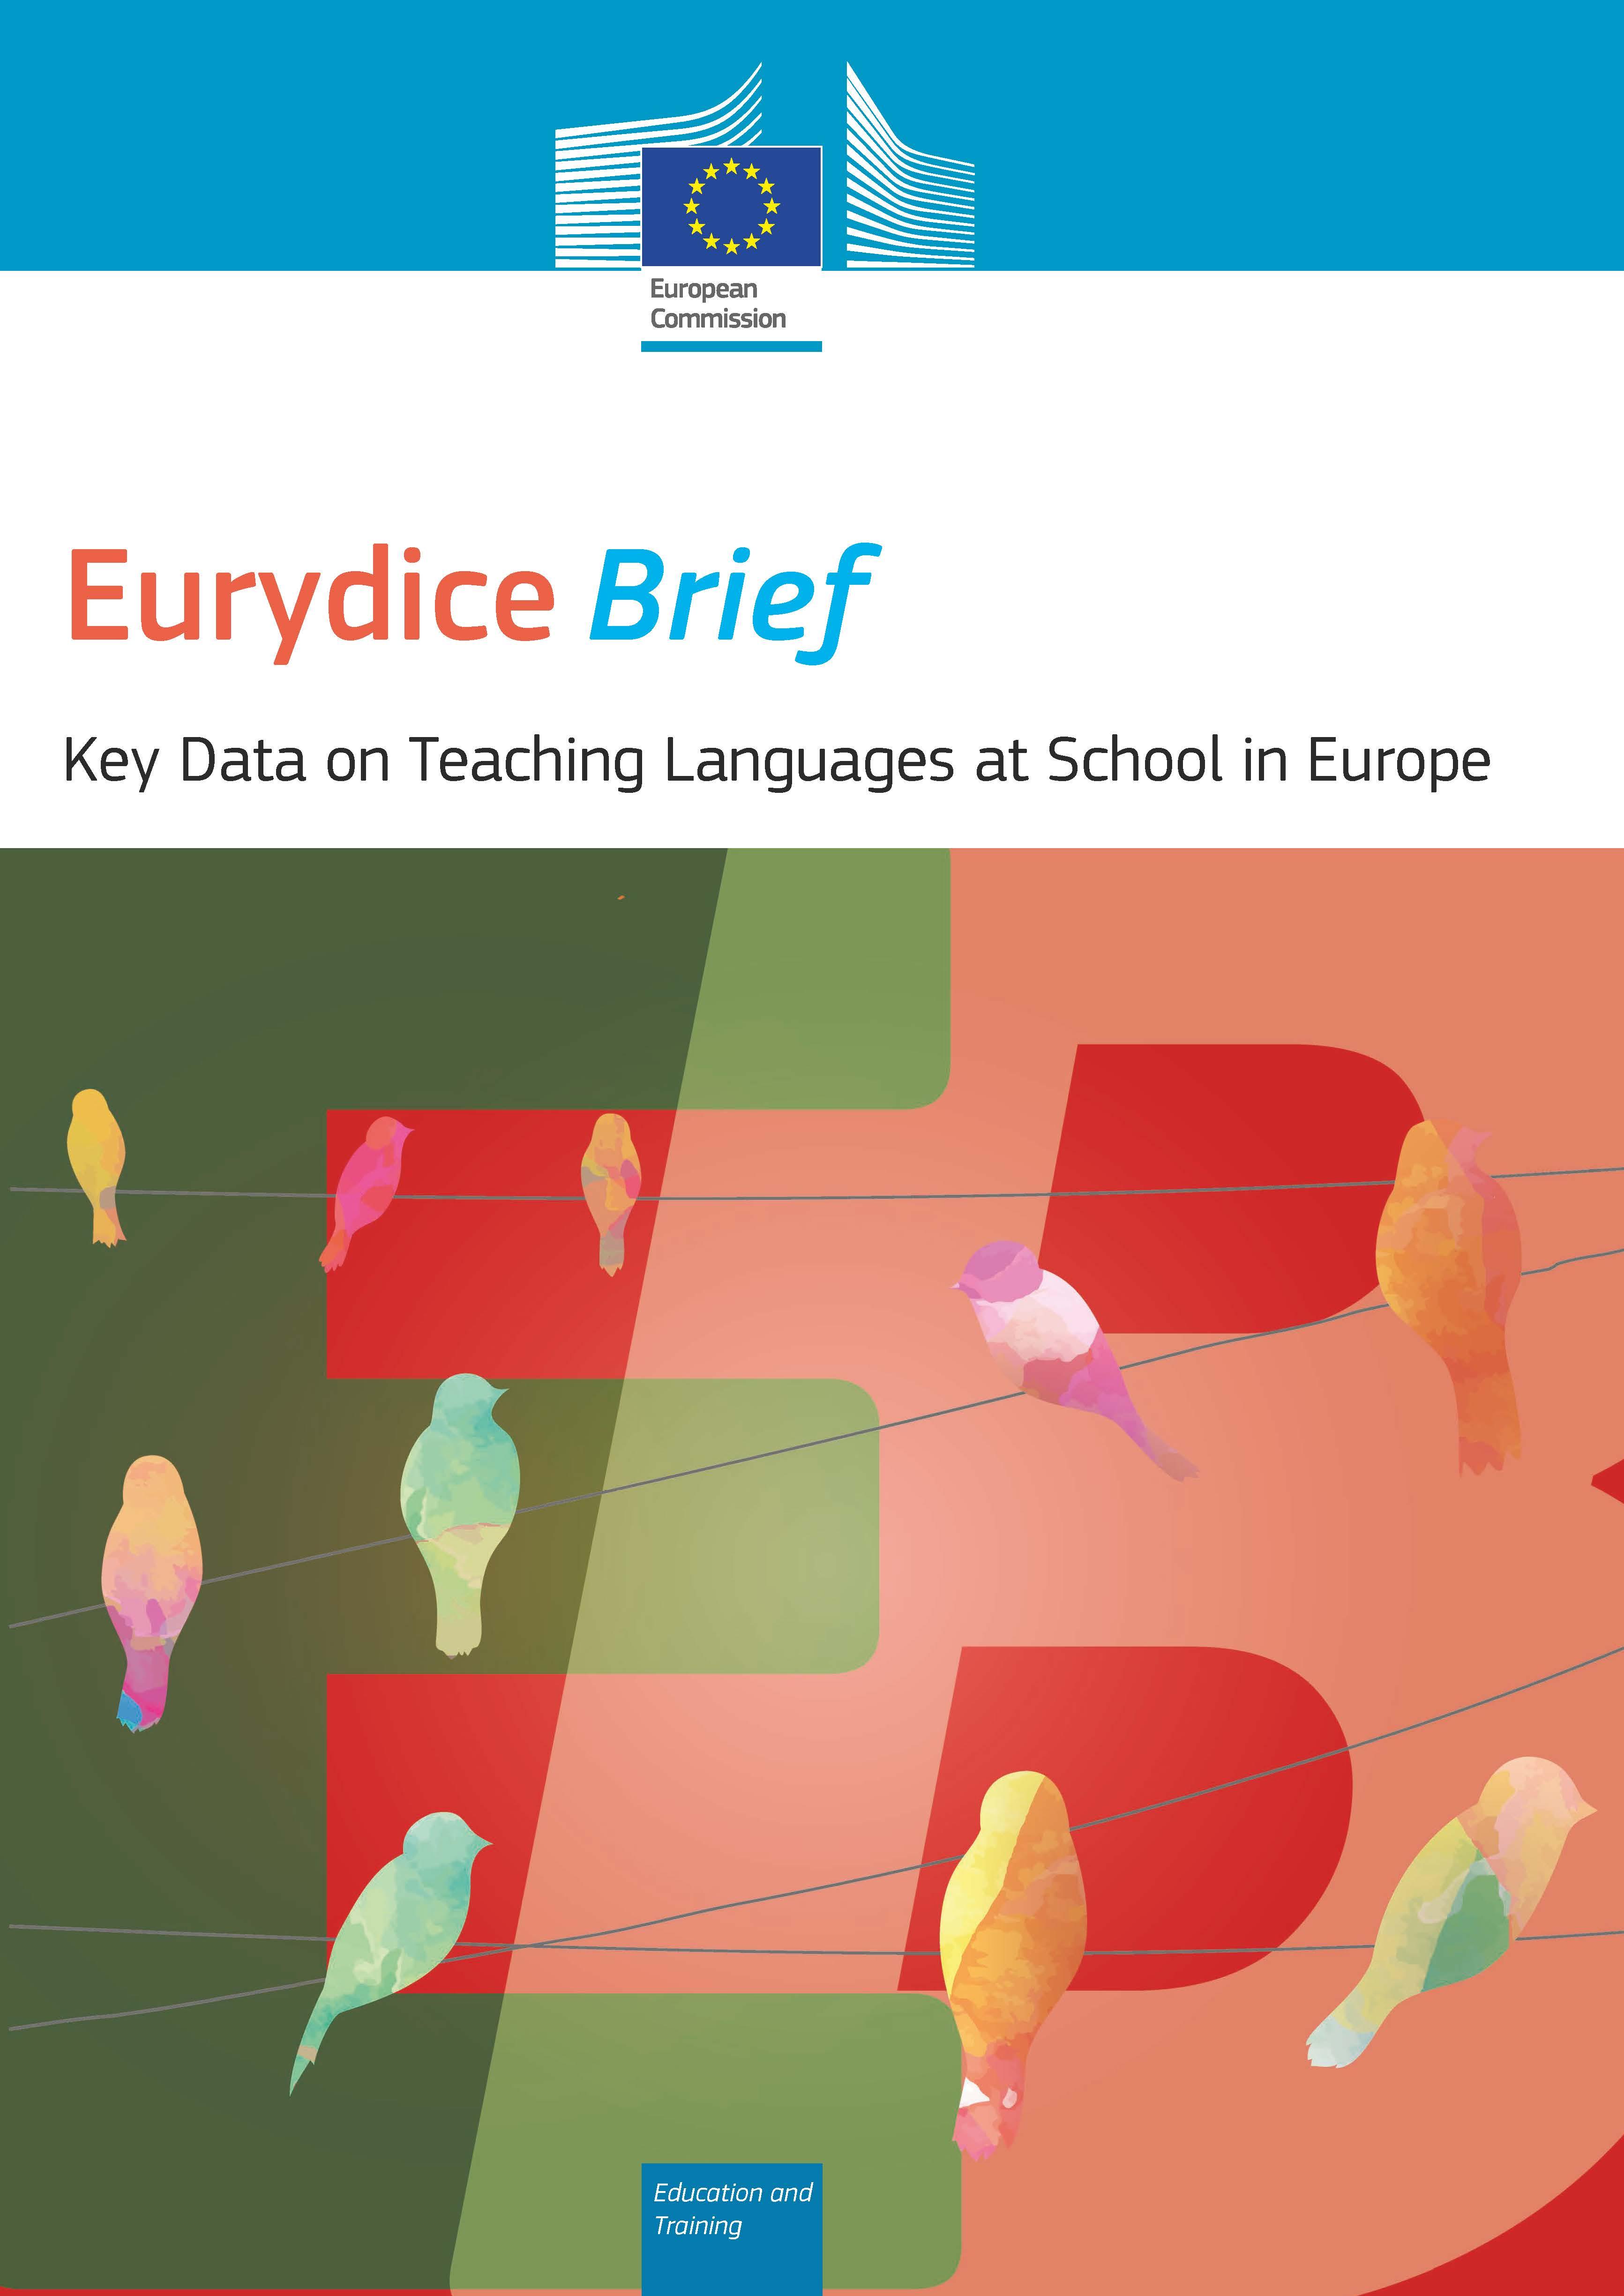 Prelet: Pomembni podatki o poučevanju jezikov v šoli v Evropi 2017